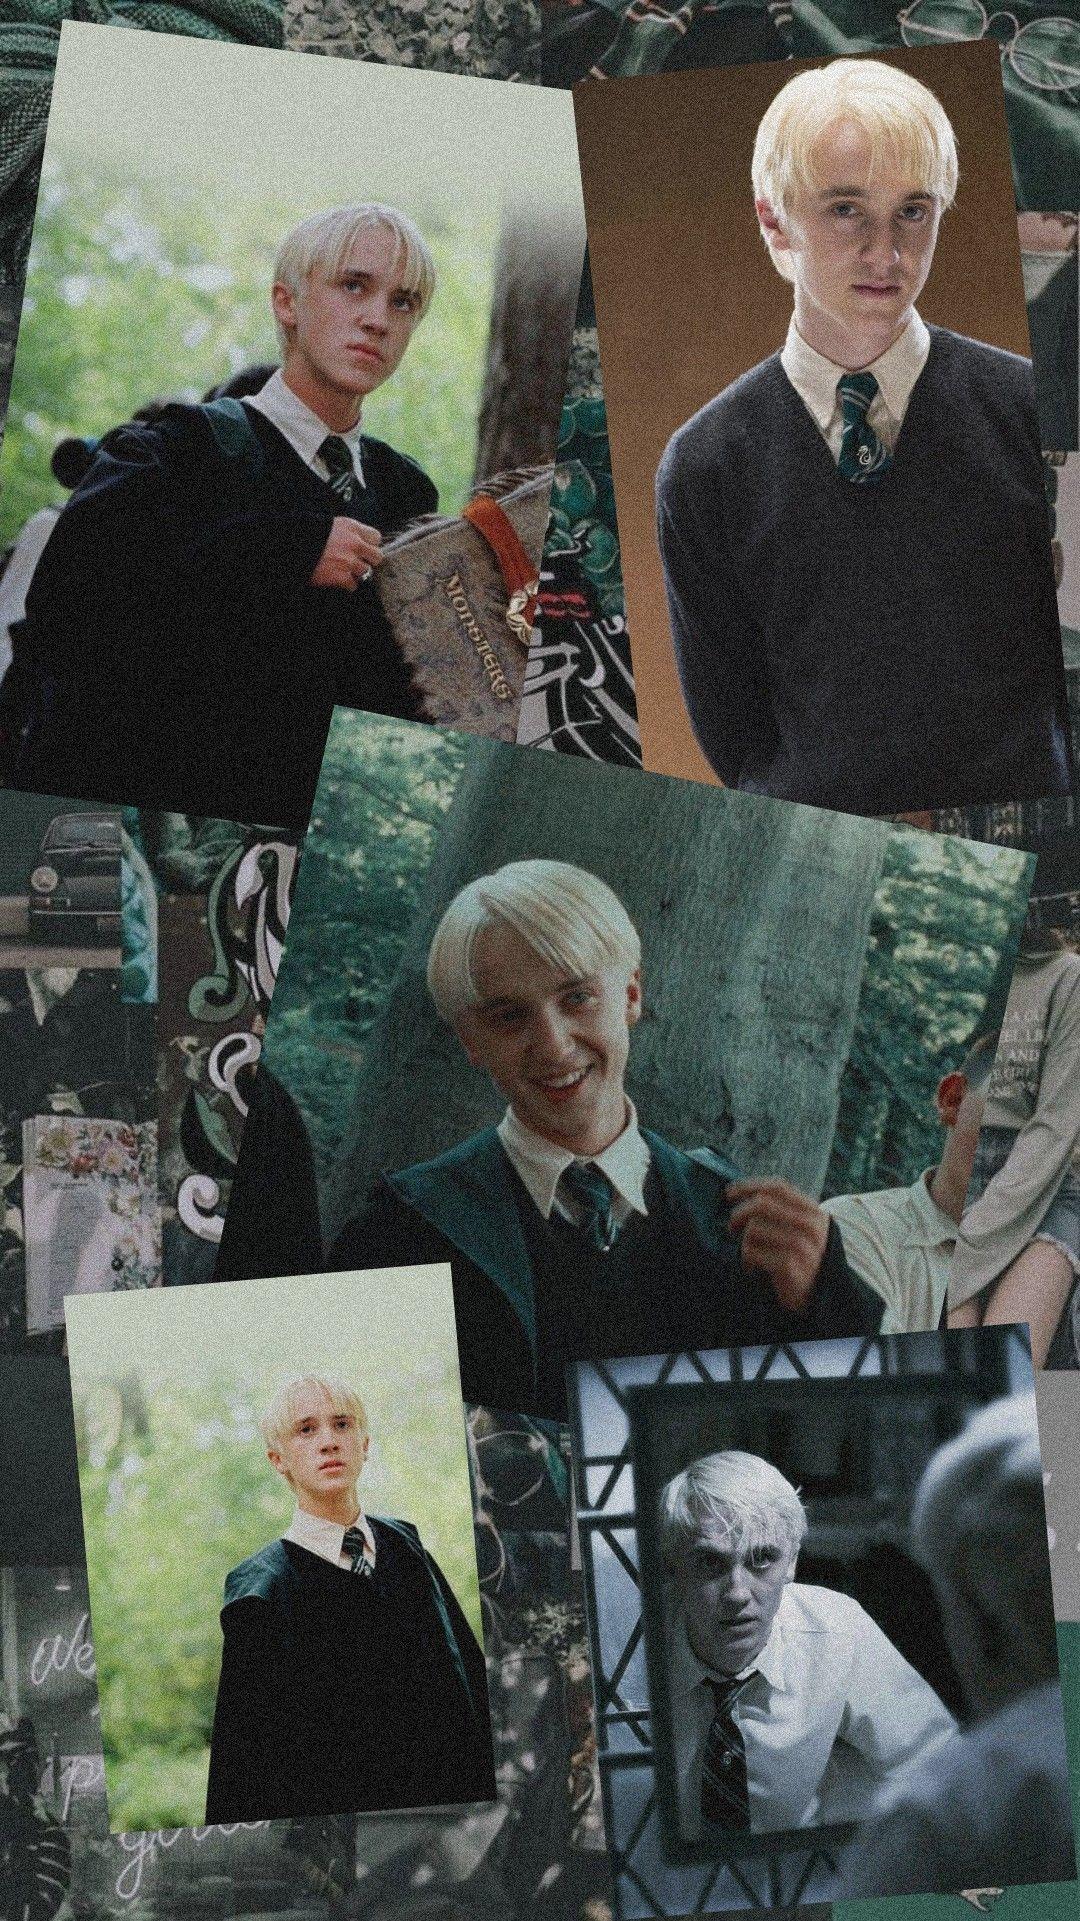 Draco Malfoy Wallpaper Draco Malfoy Aesthetic Draco Malfoy Imagines Draco Malfoy